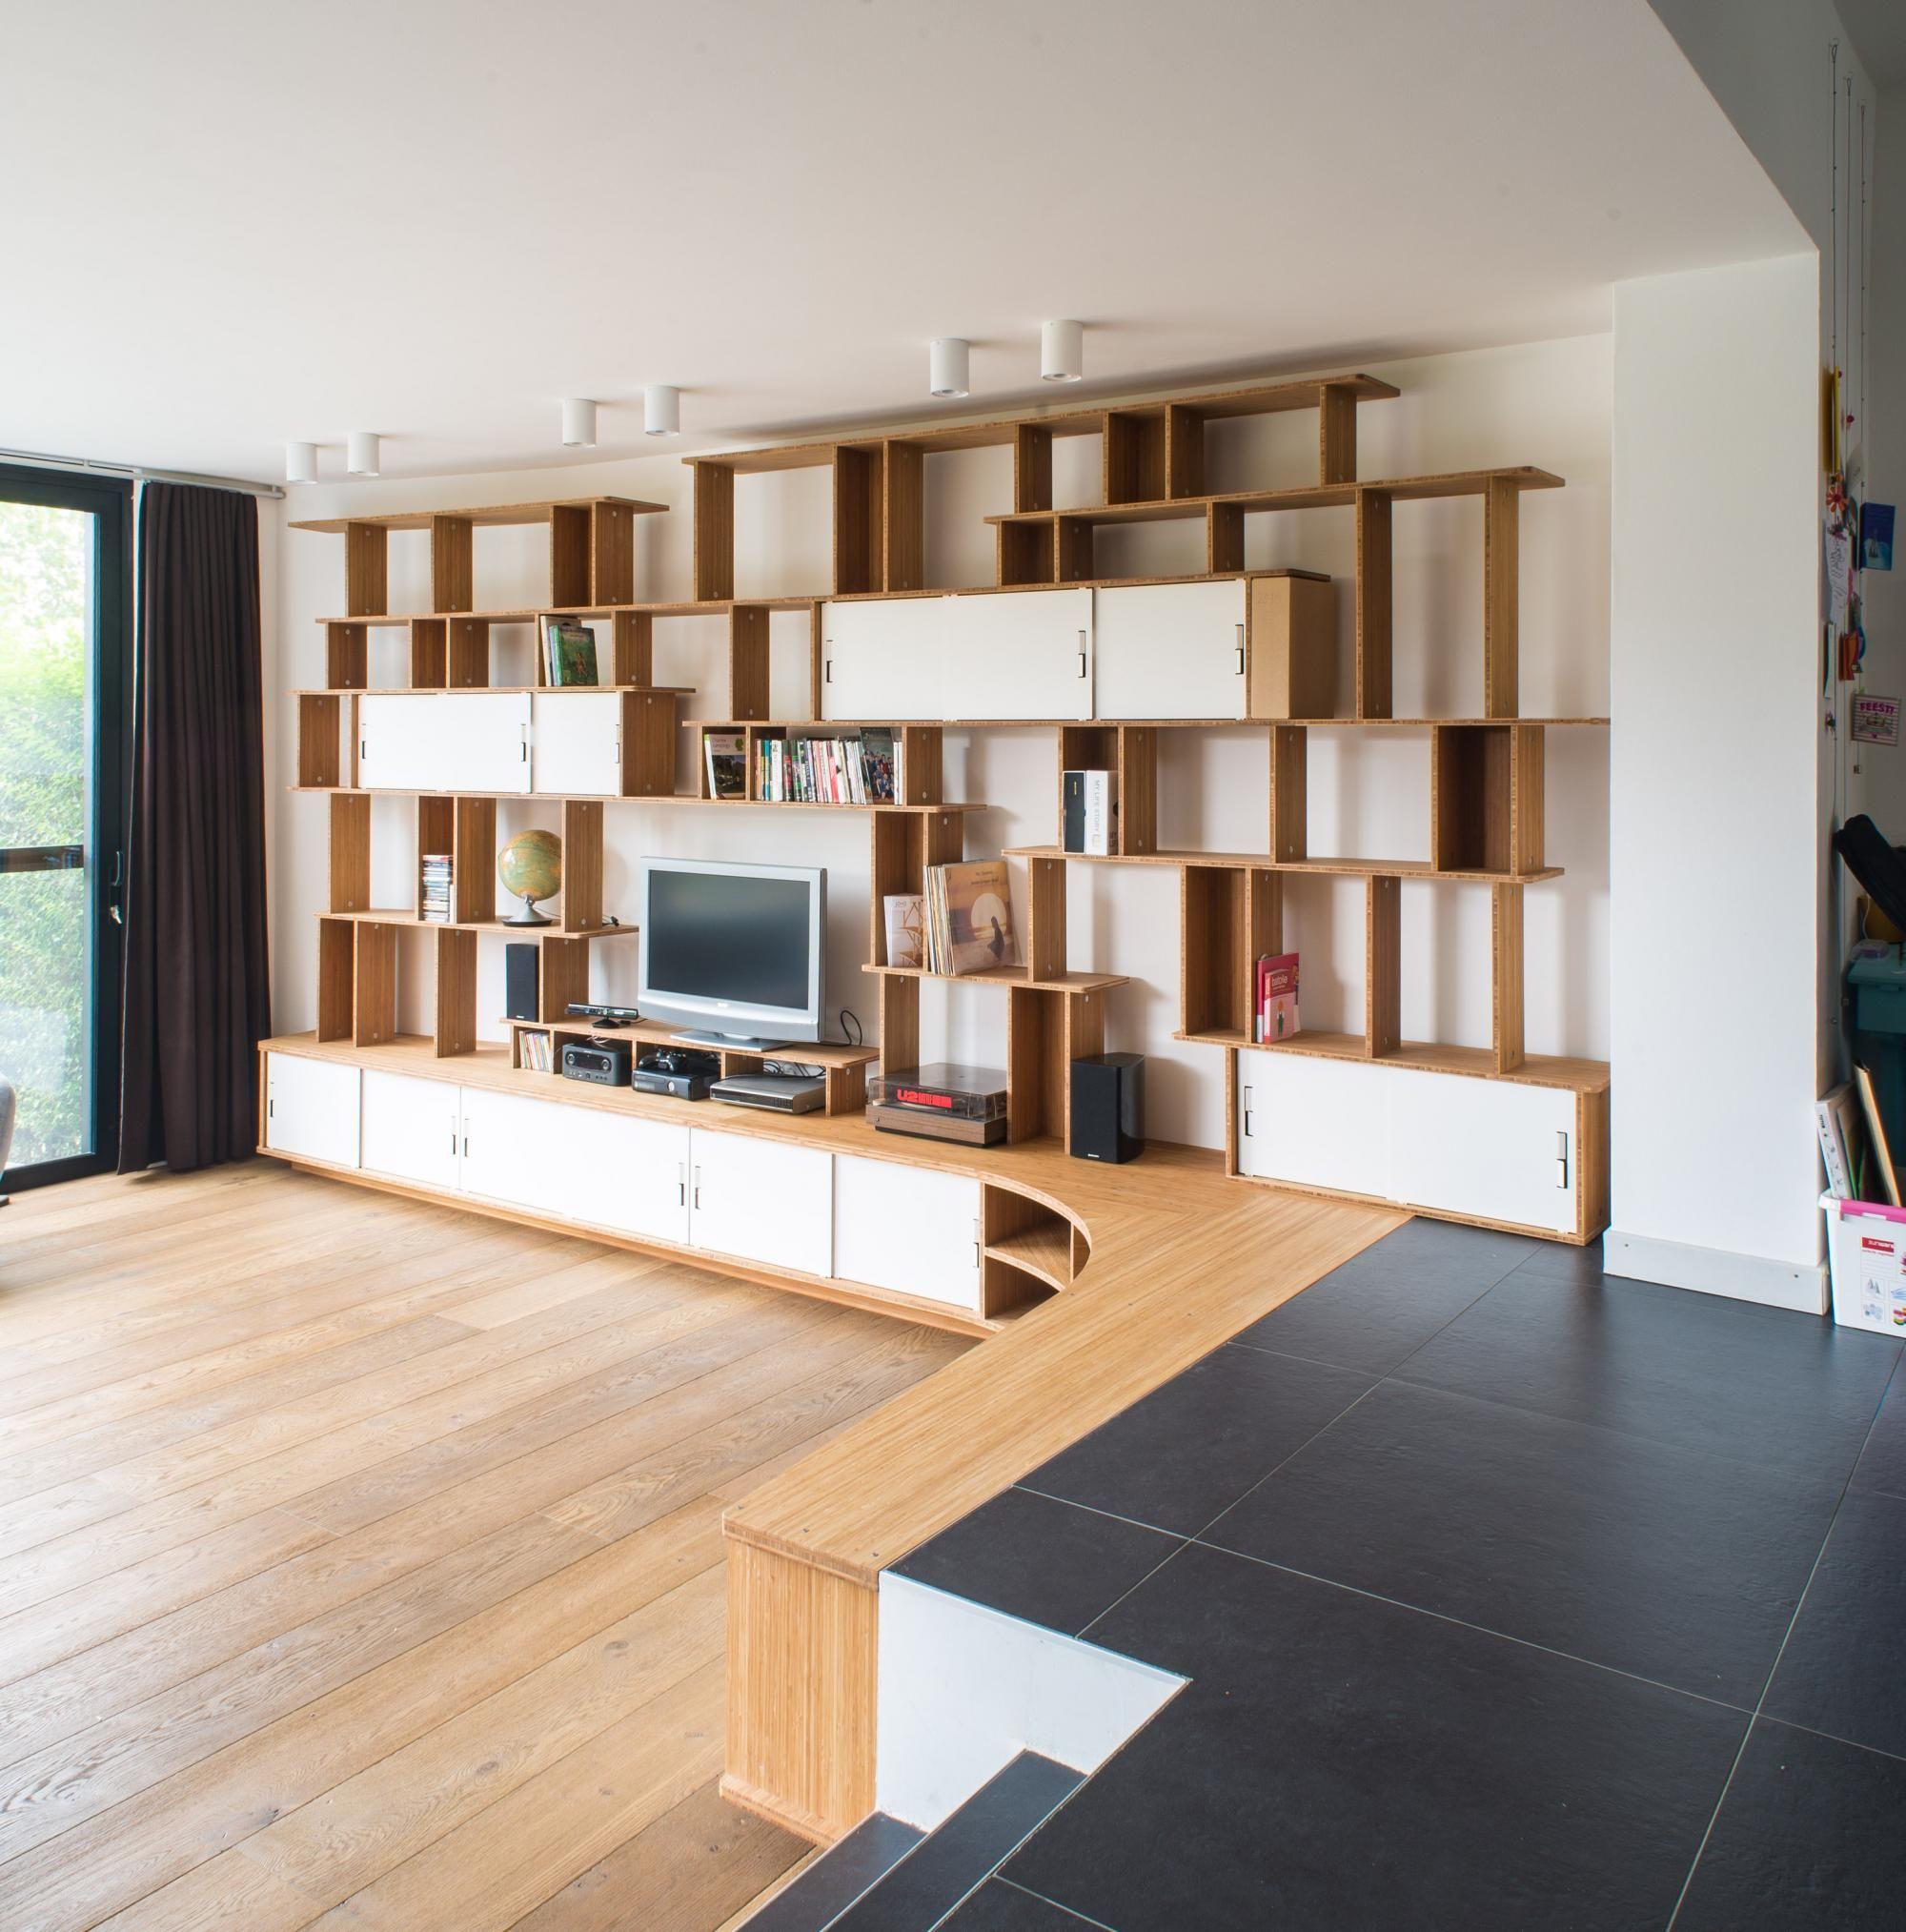 Populaire Jo-a : Blog: Grande bibliothèque sur mesure | aménagements muraux  PR71